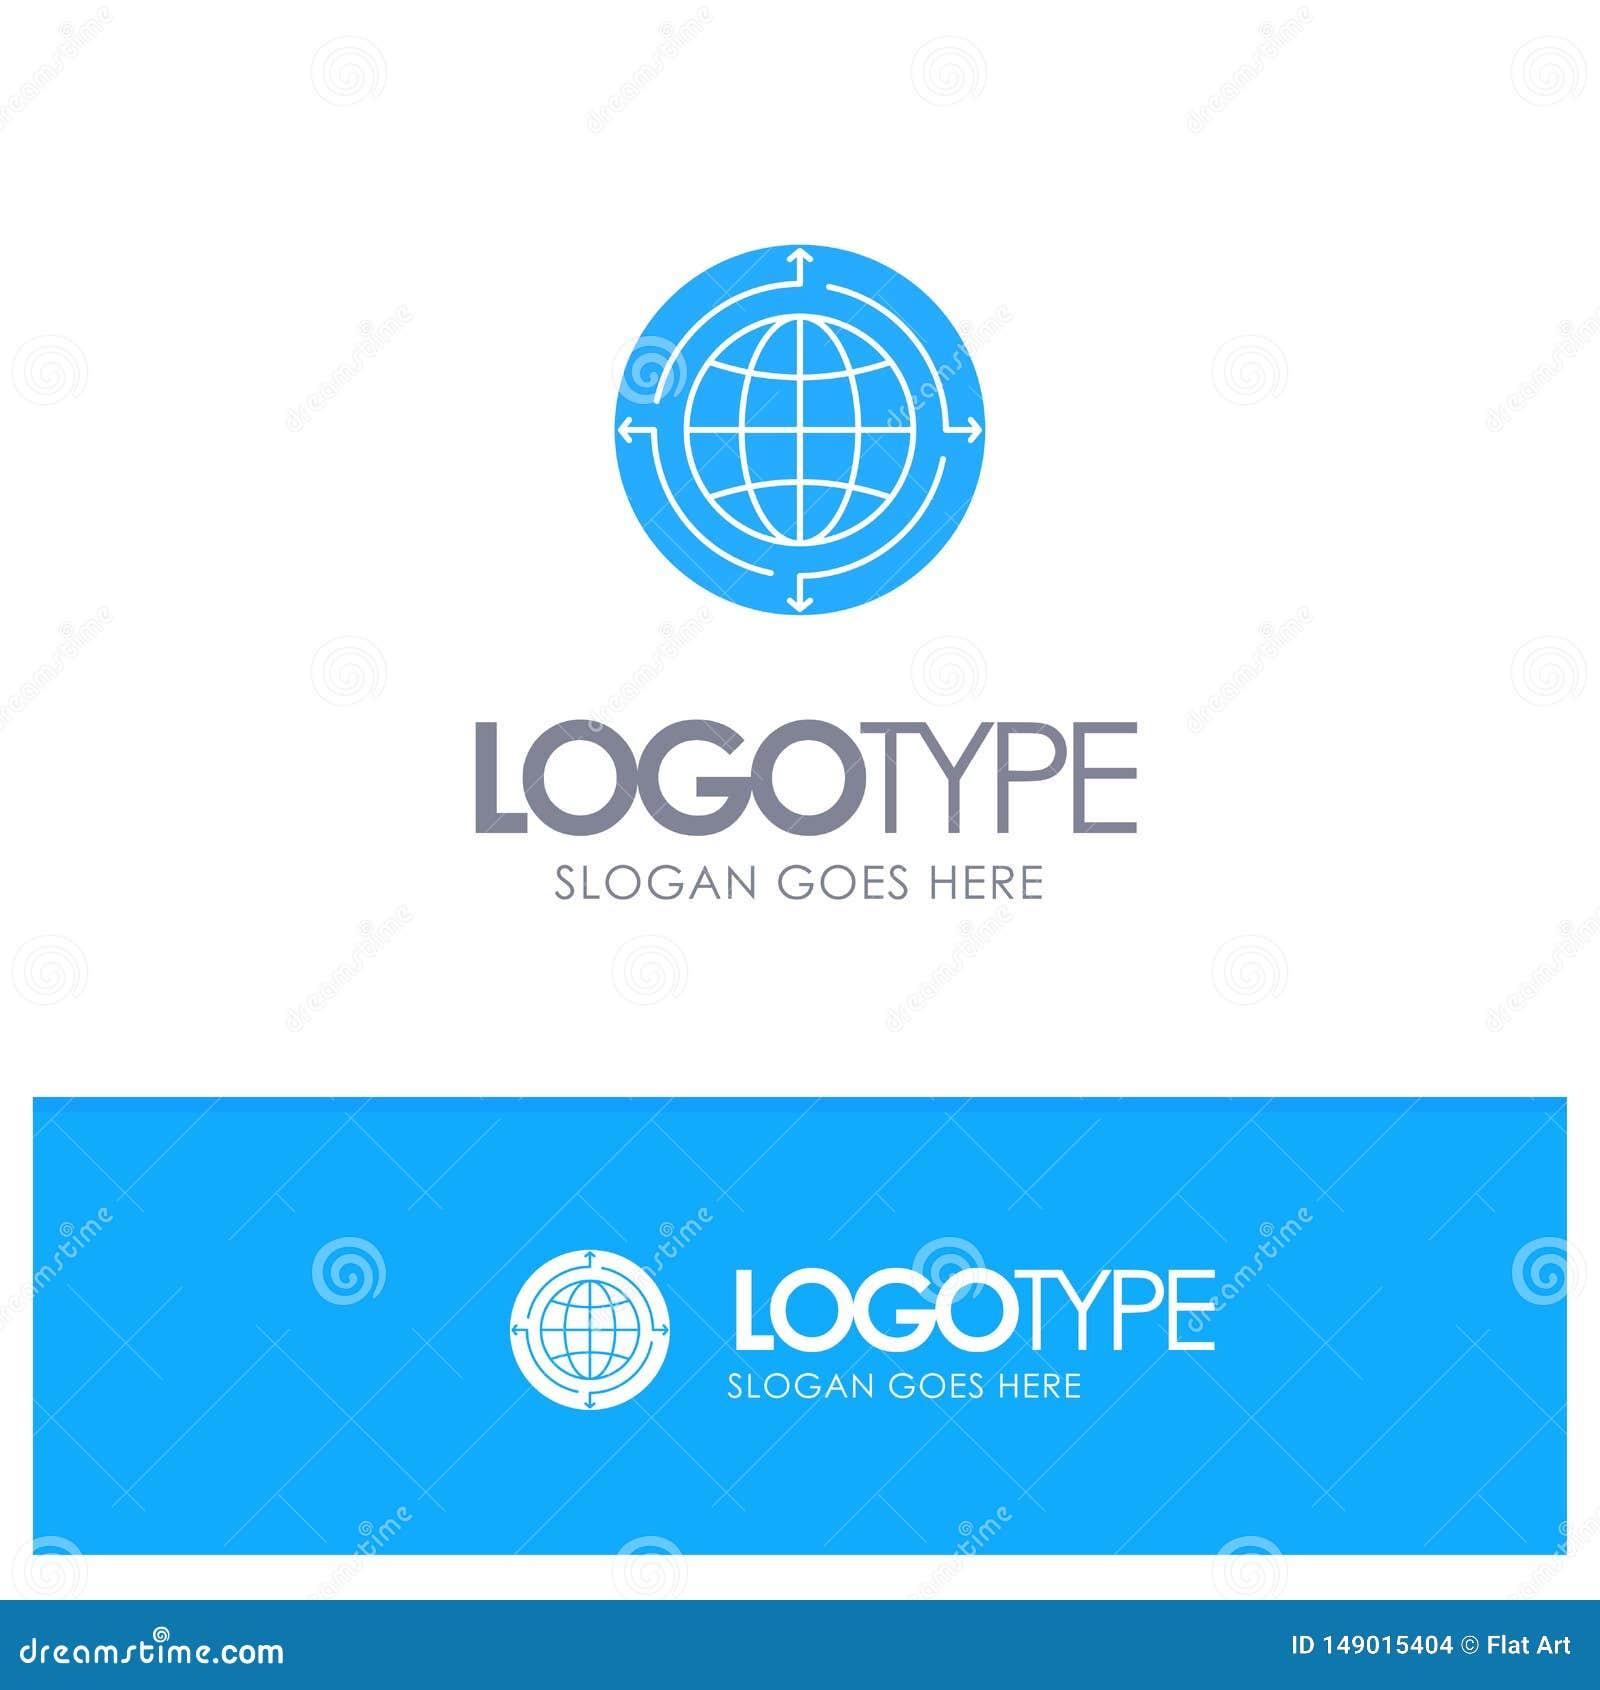 Globo, negocio, comunicación, conexión, global, logotipo sólido azul del mundo con el lugar para el tagline